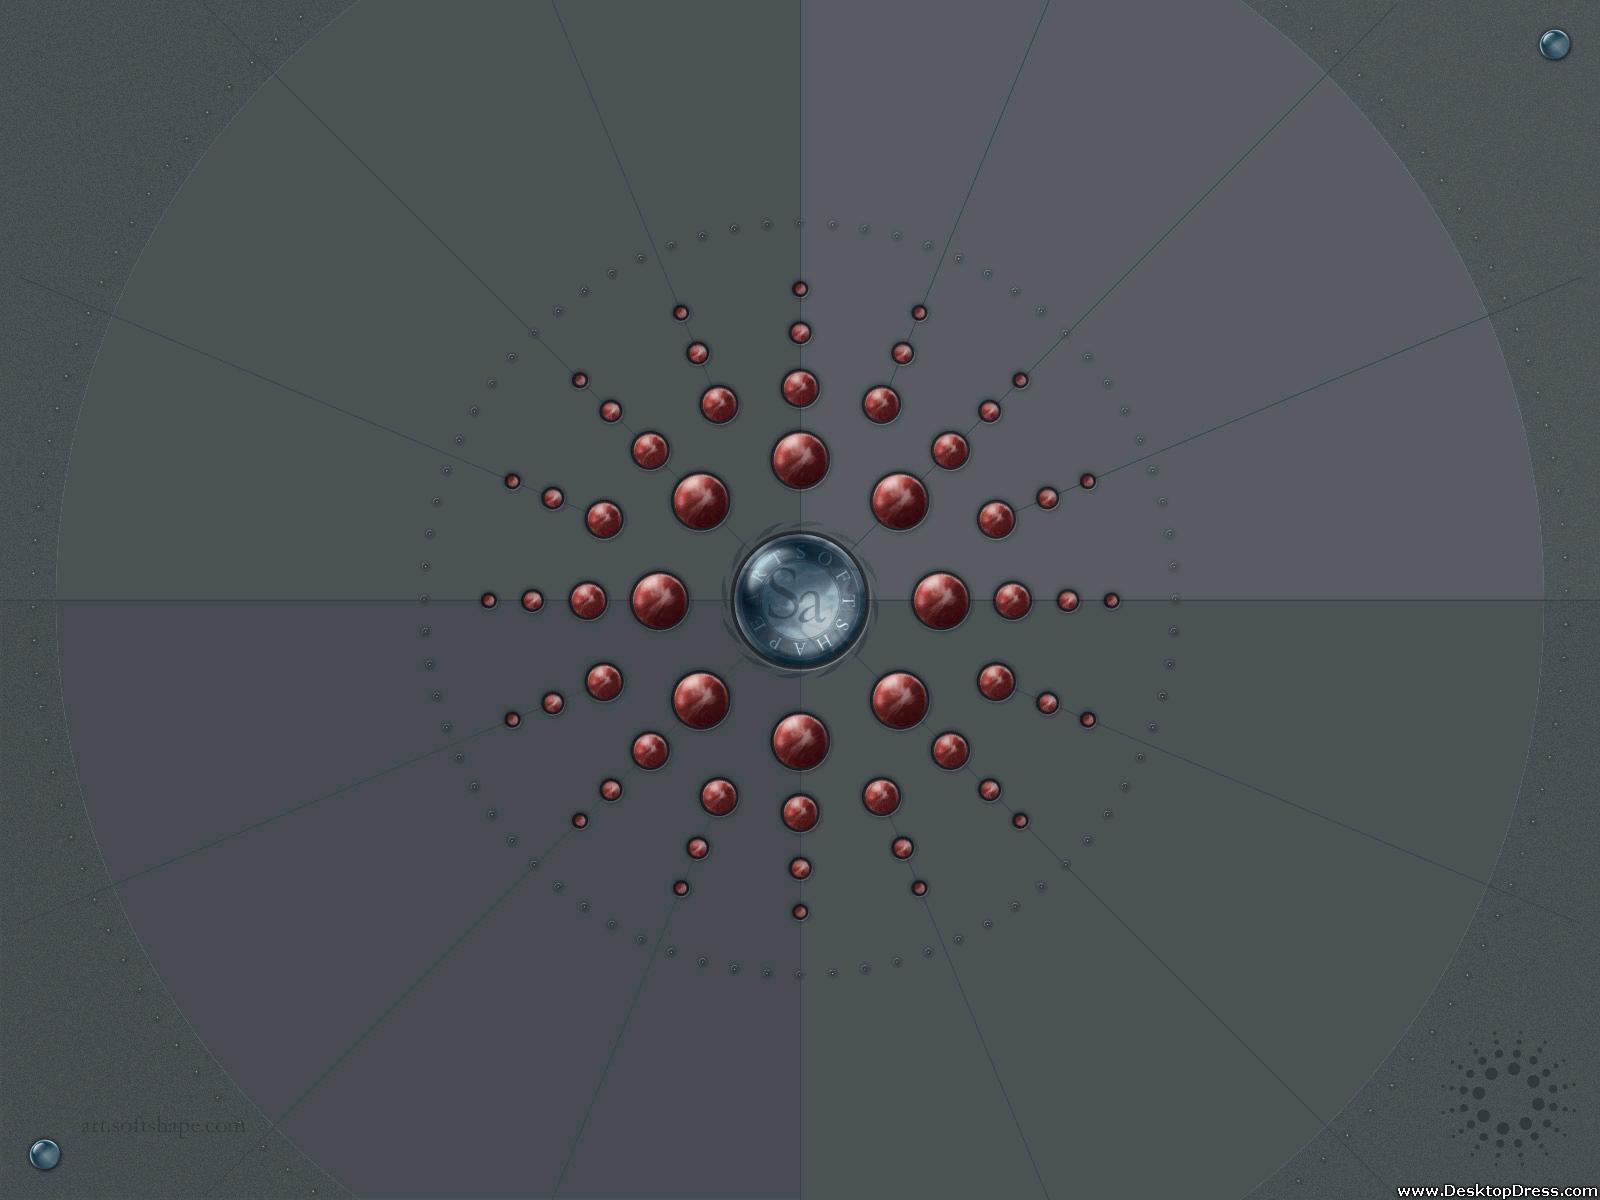 Desktop Wallpapers 3D Backgrounds Alchemy wwwdesktopdress 1600x1200